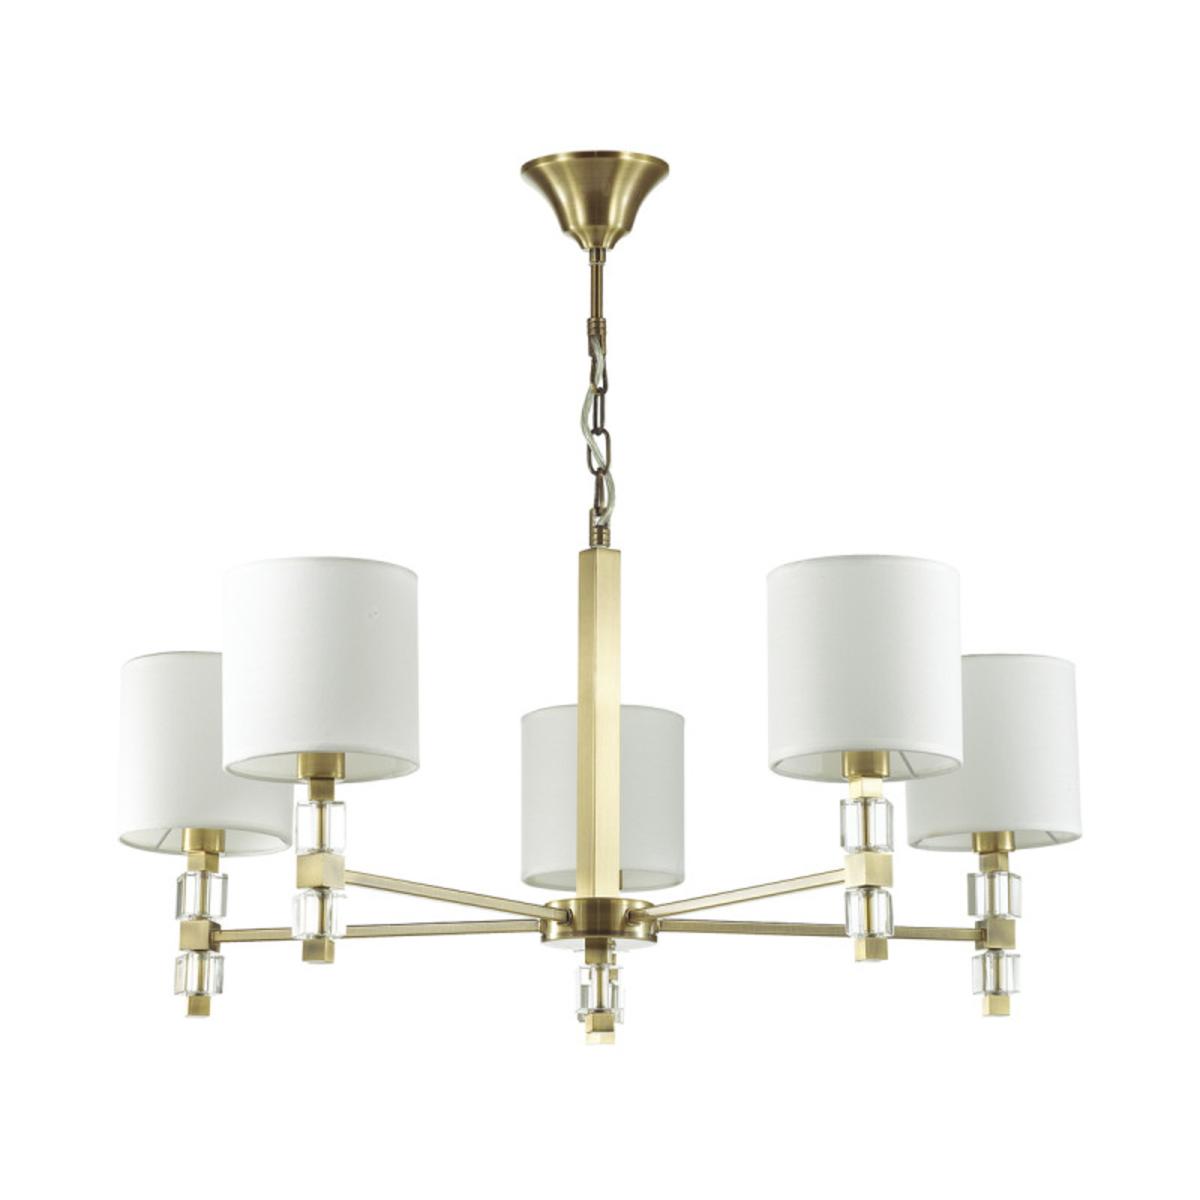 Купить Подвесная люстра Pavia Подвесная люстра Odeon Light 4112/5 (15484), HomeMe